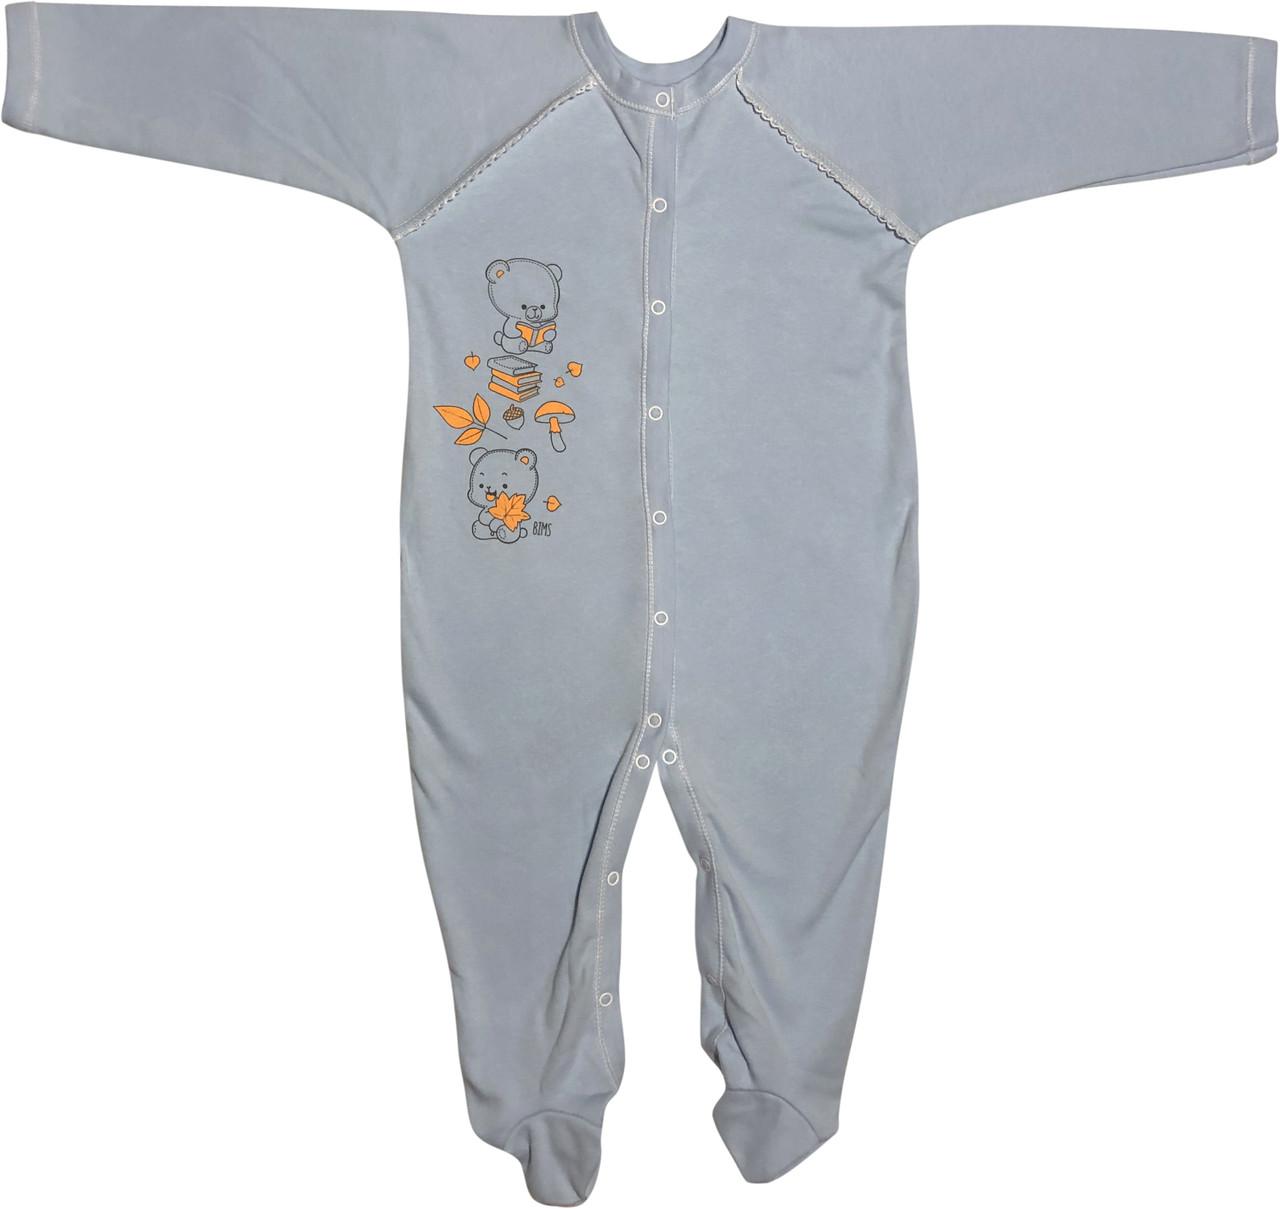 Теплий чоловічок з начосом на хлопчика зріст 86 1-1,5 року для новонароджених сліп дитячий трикотаж блакитний